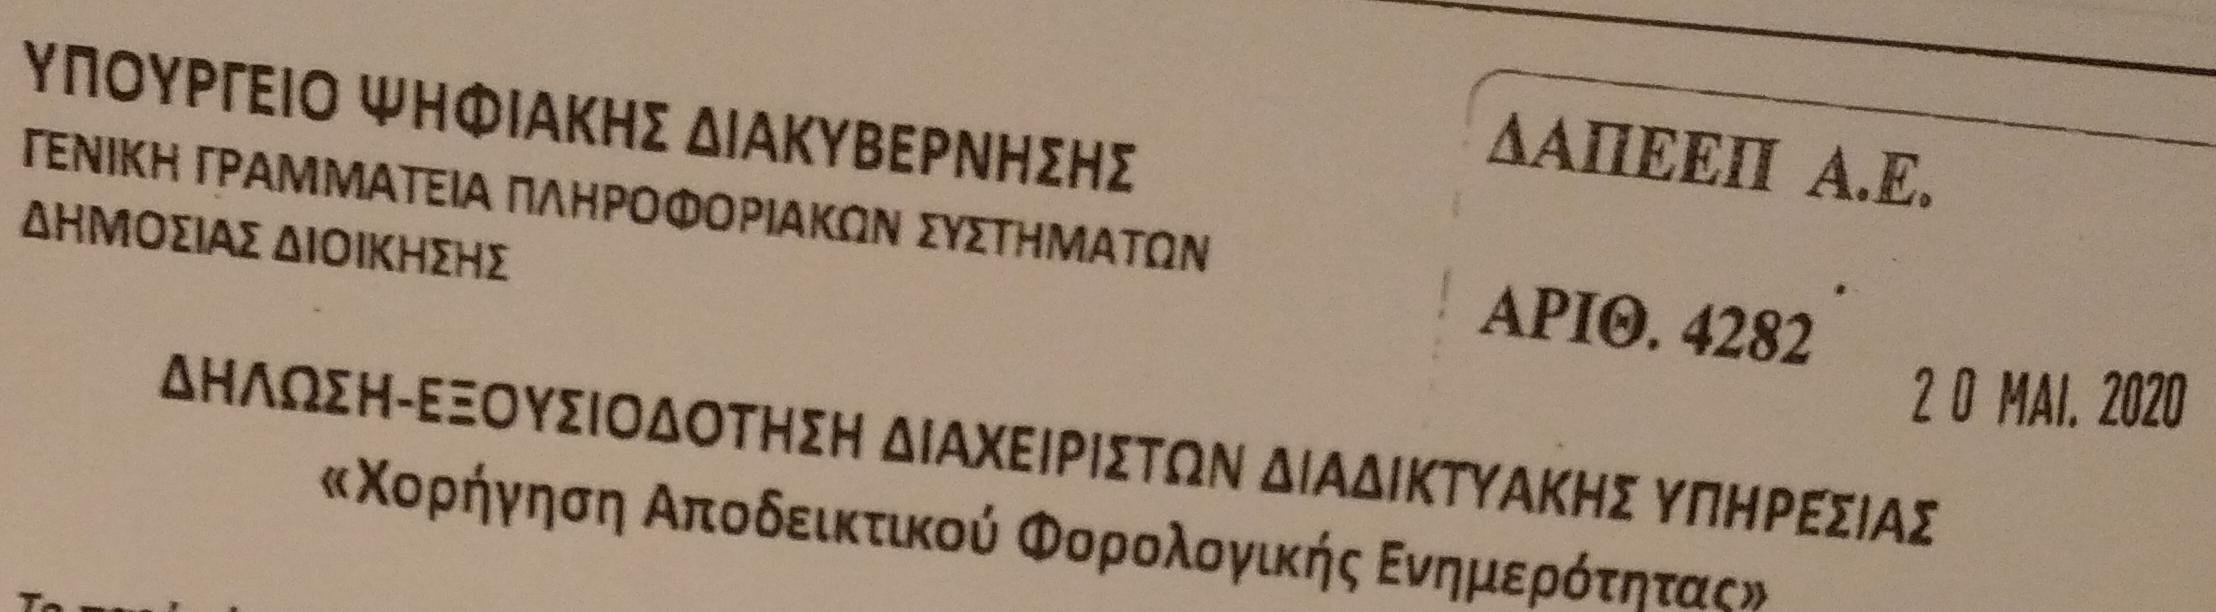 ΦΟΡΛΟΓΙΚΗ ΕΝΗΜΕΡΟΤΗΤΑ